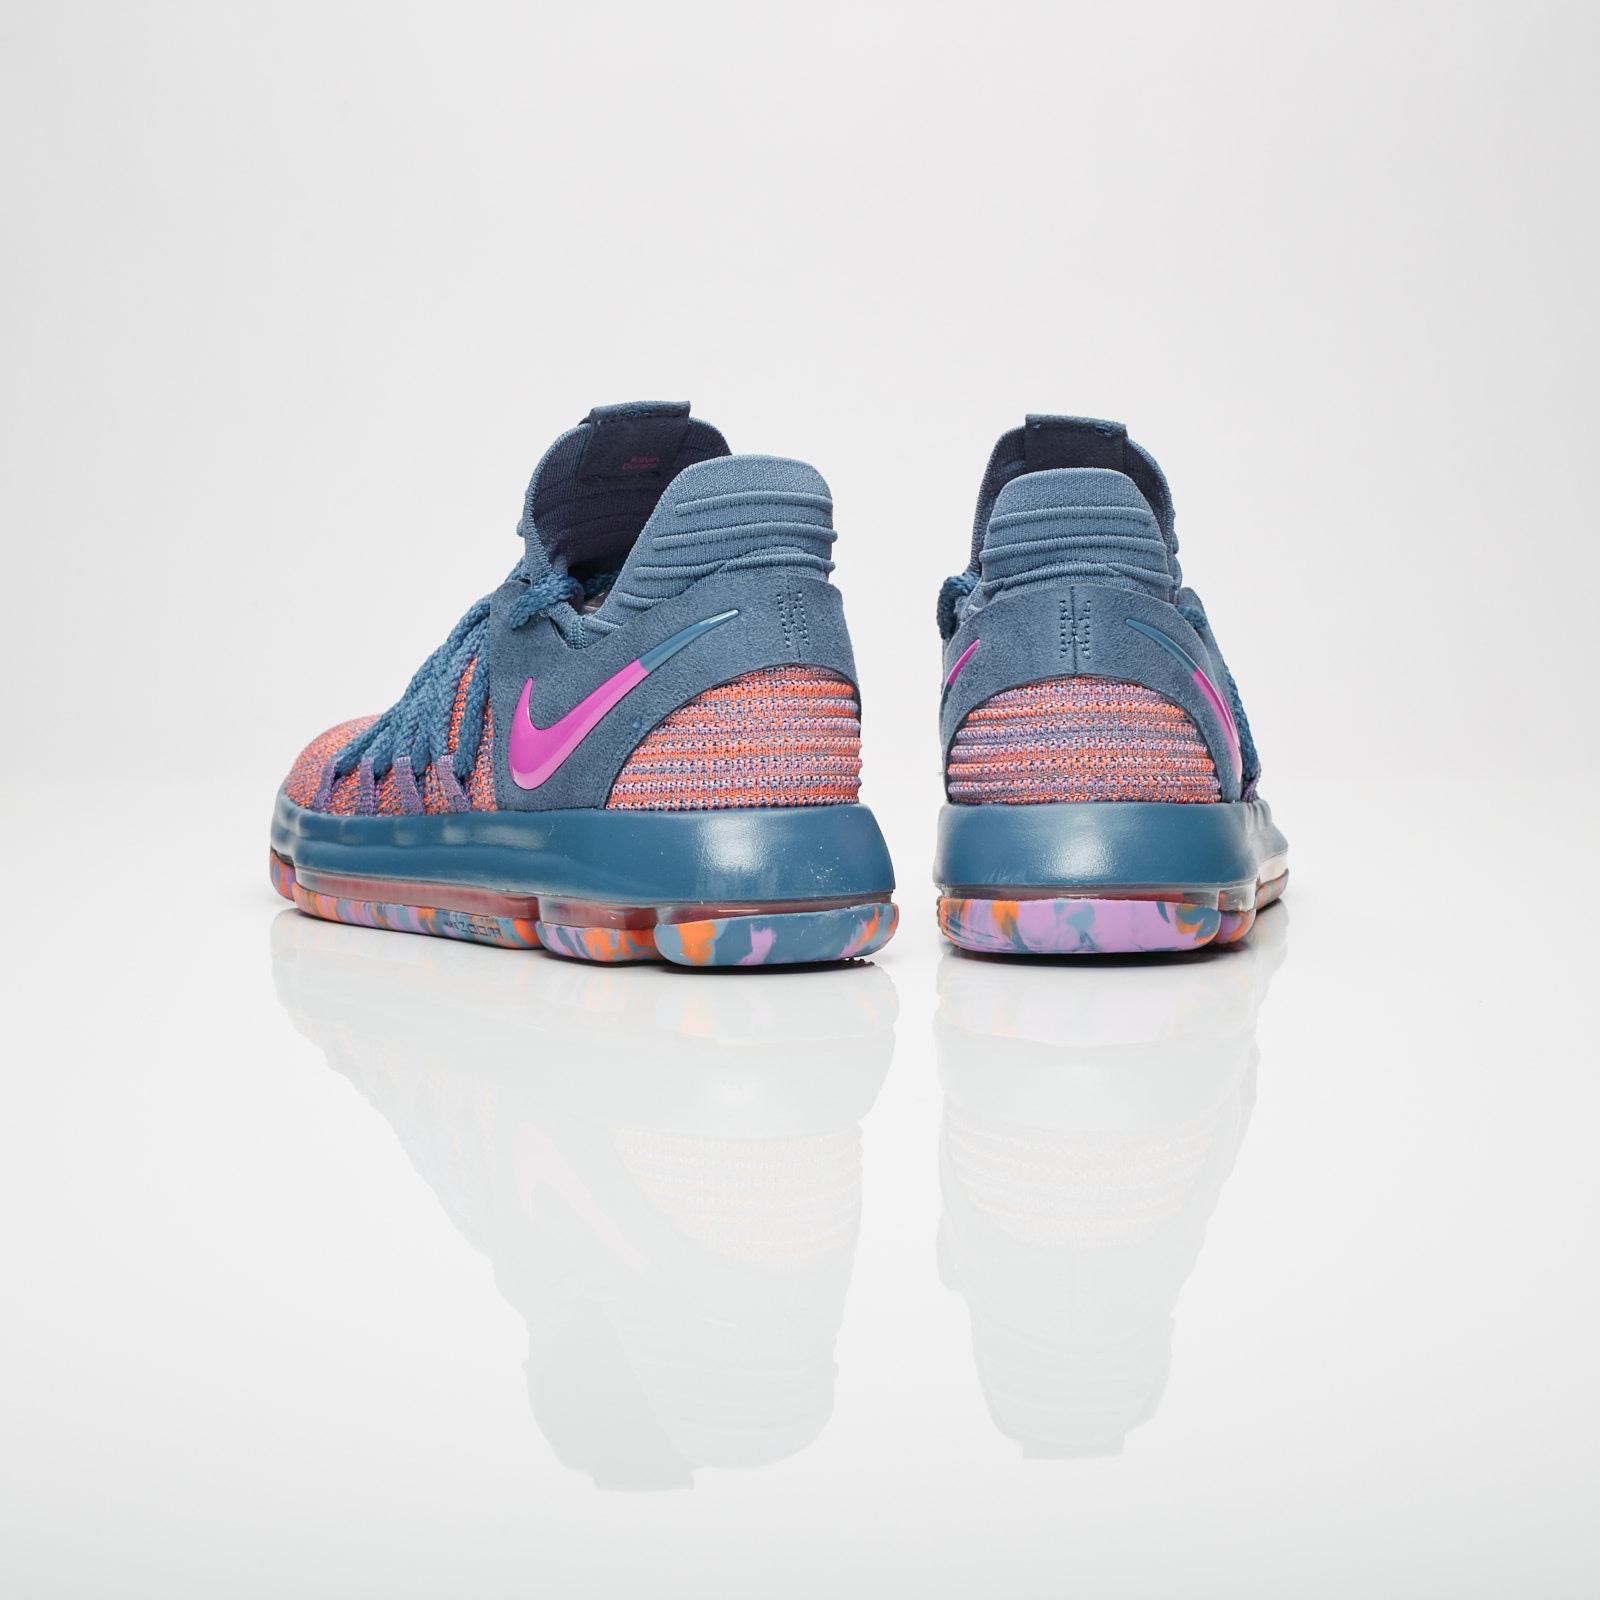 finest selection efe1e 44210 Nike Zoom KD10 LMTD - 897817-400 - Sneakersnstuff | sneakers ...